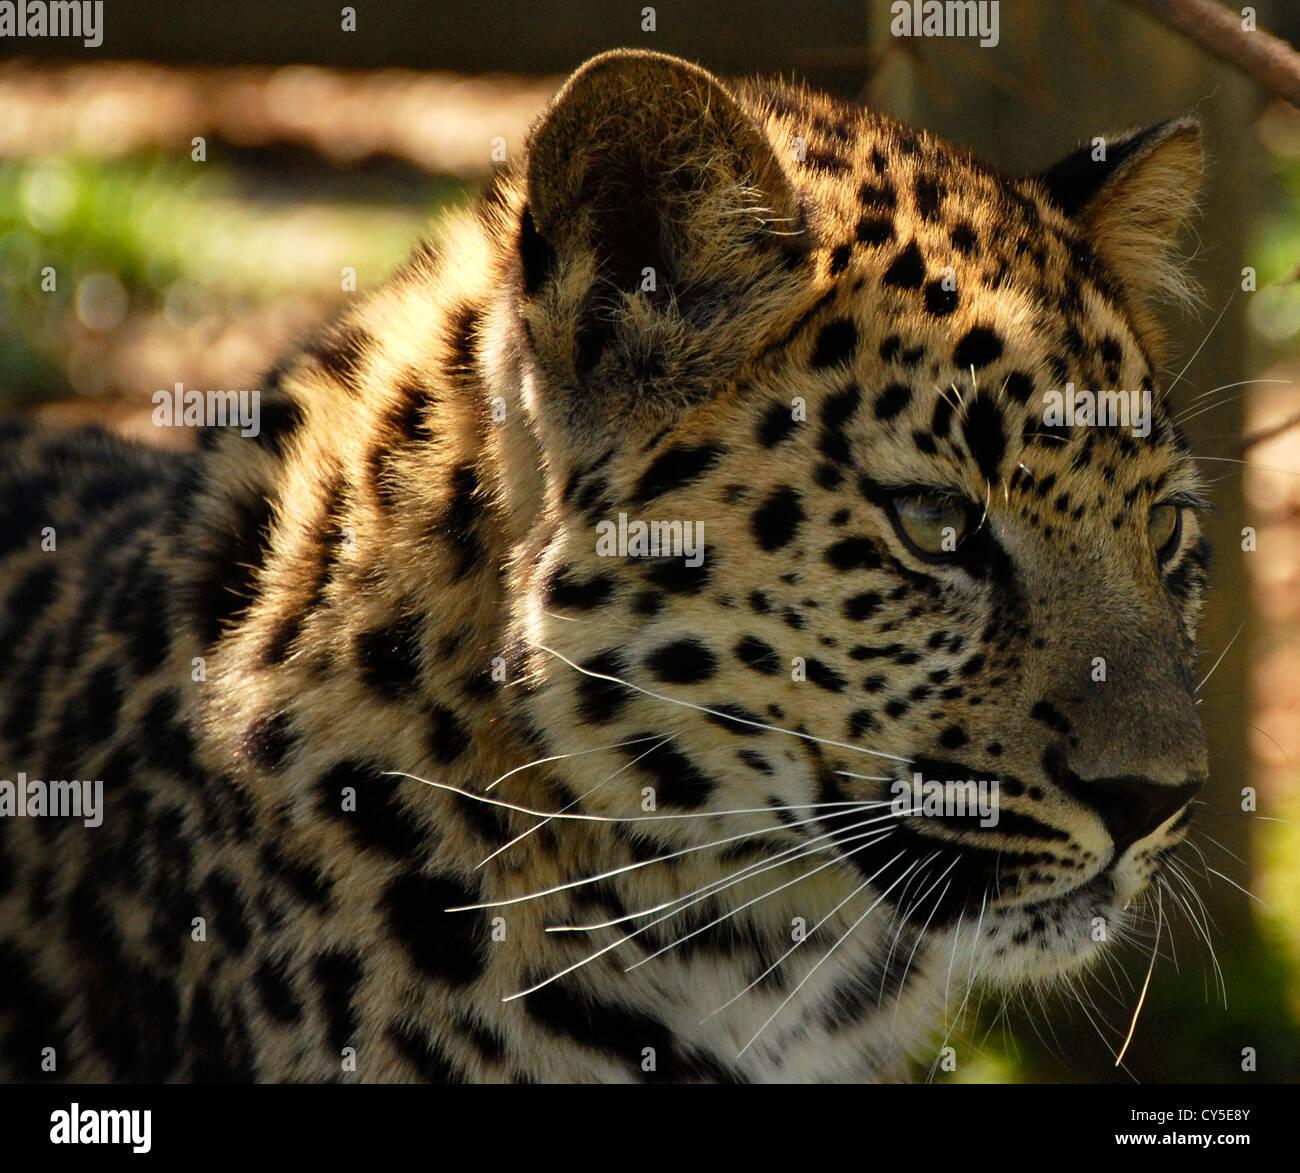 Amur Leopard close up - Stock Image